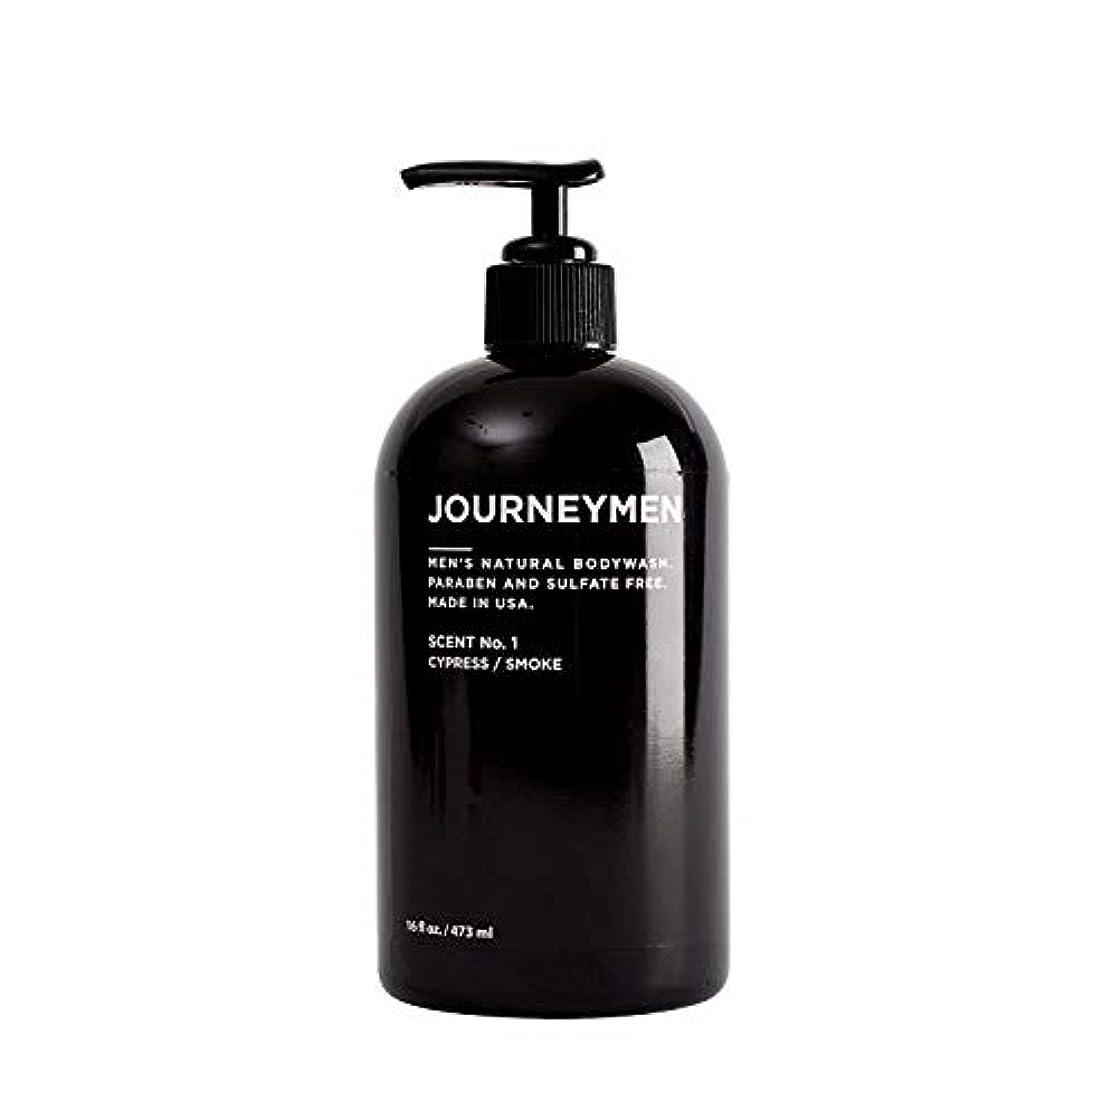 メンバーゴミ両方Journeymen Natural Body Wash 16 oz/473 ml ジャーニーメンナチュラルボディウォッシュ